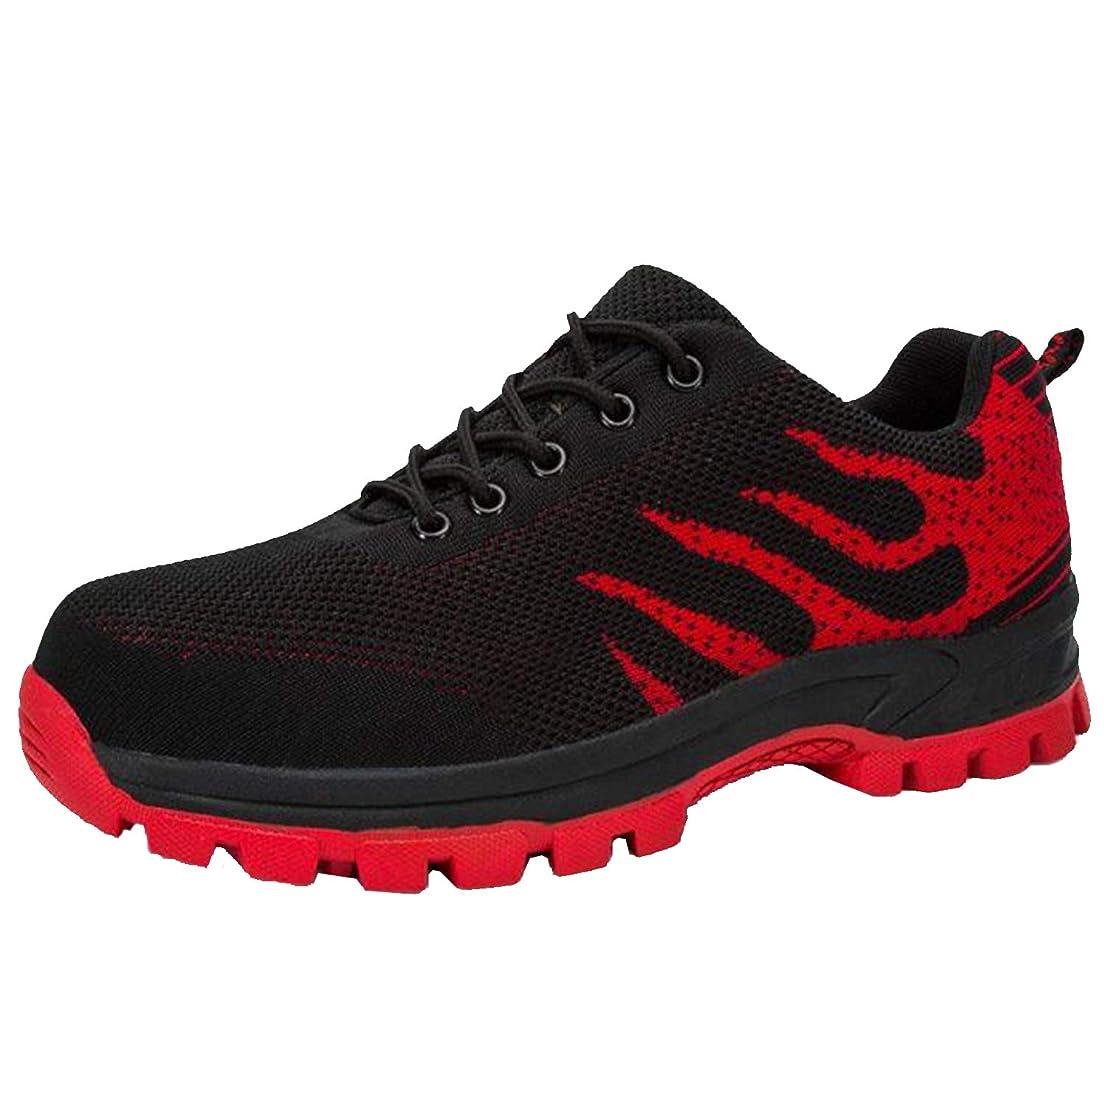 背が高いヘロイン関係する[Toanpark] トアンパーク メンズLQ19003安全靴?作業靴 スチール ヘッド靴 通気性 軽量設計スニーカー鋼板つま先衝突防止デザイン 登山?クライミングカジュアル